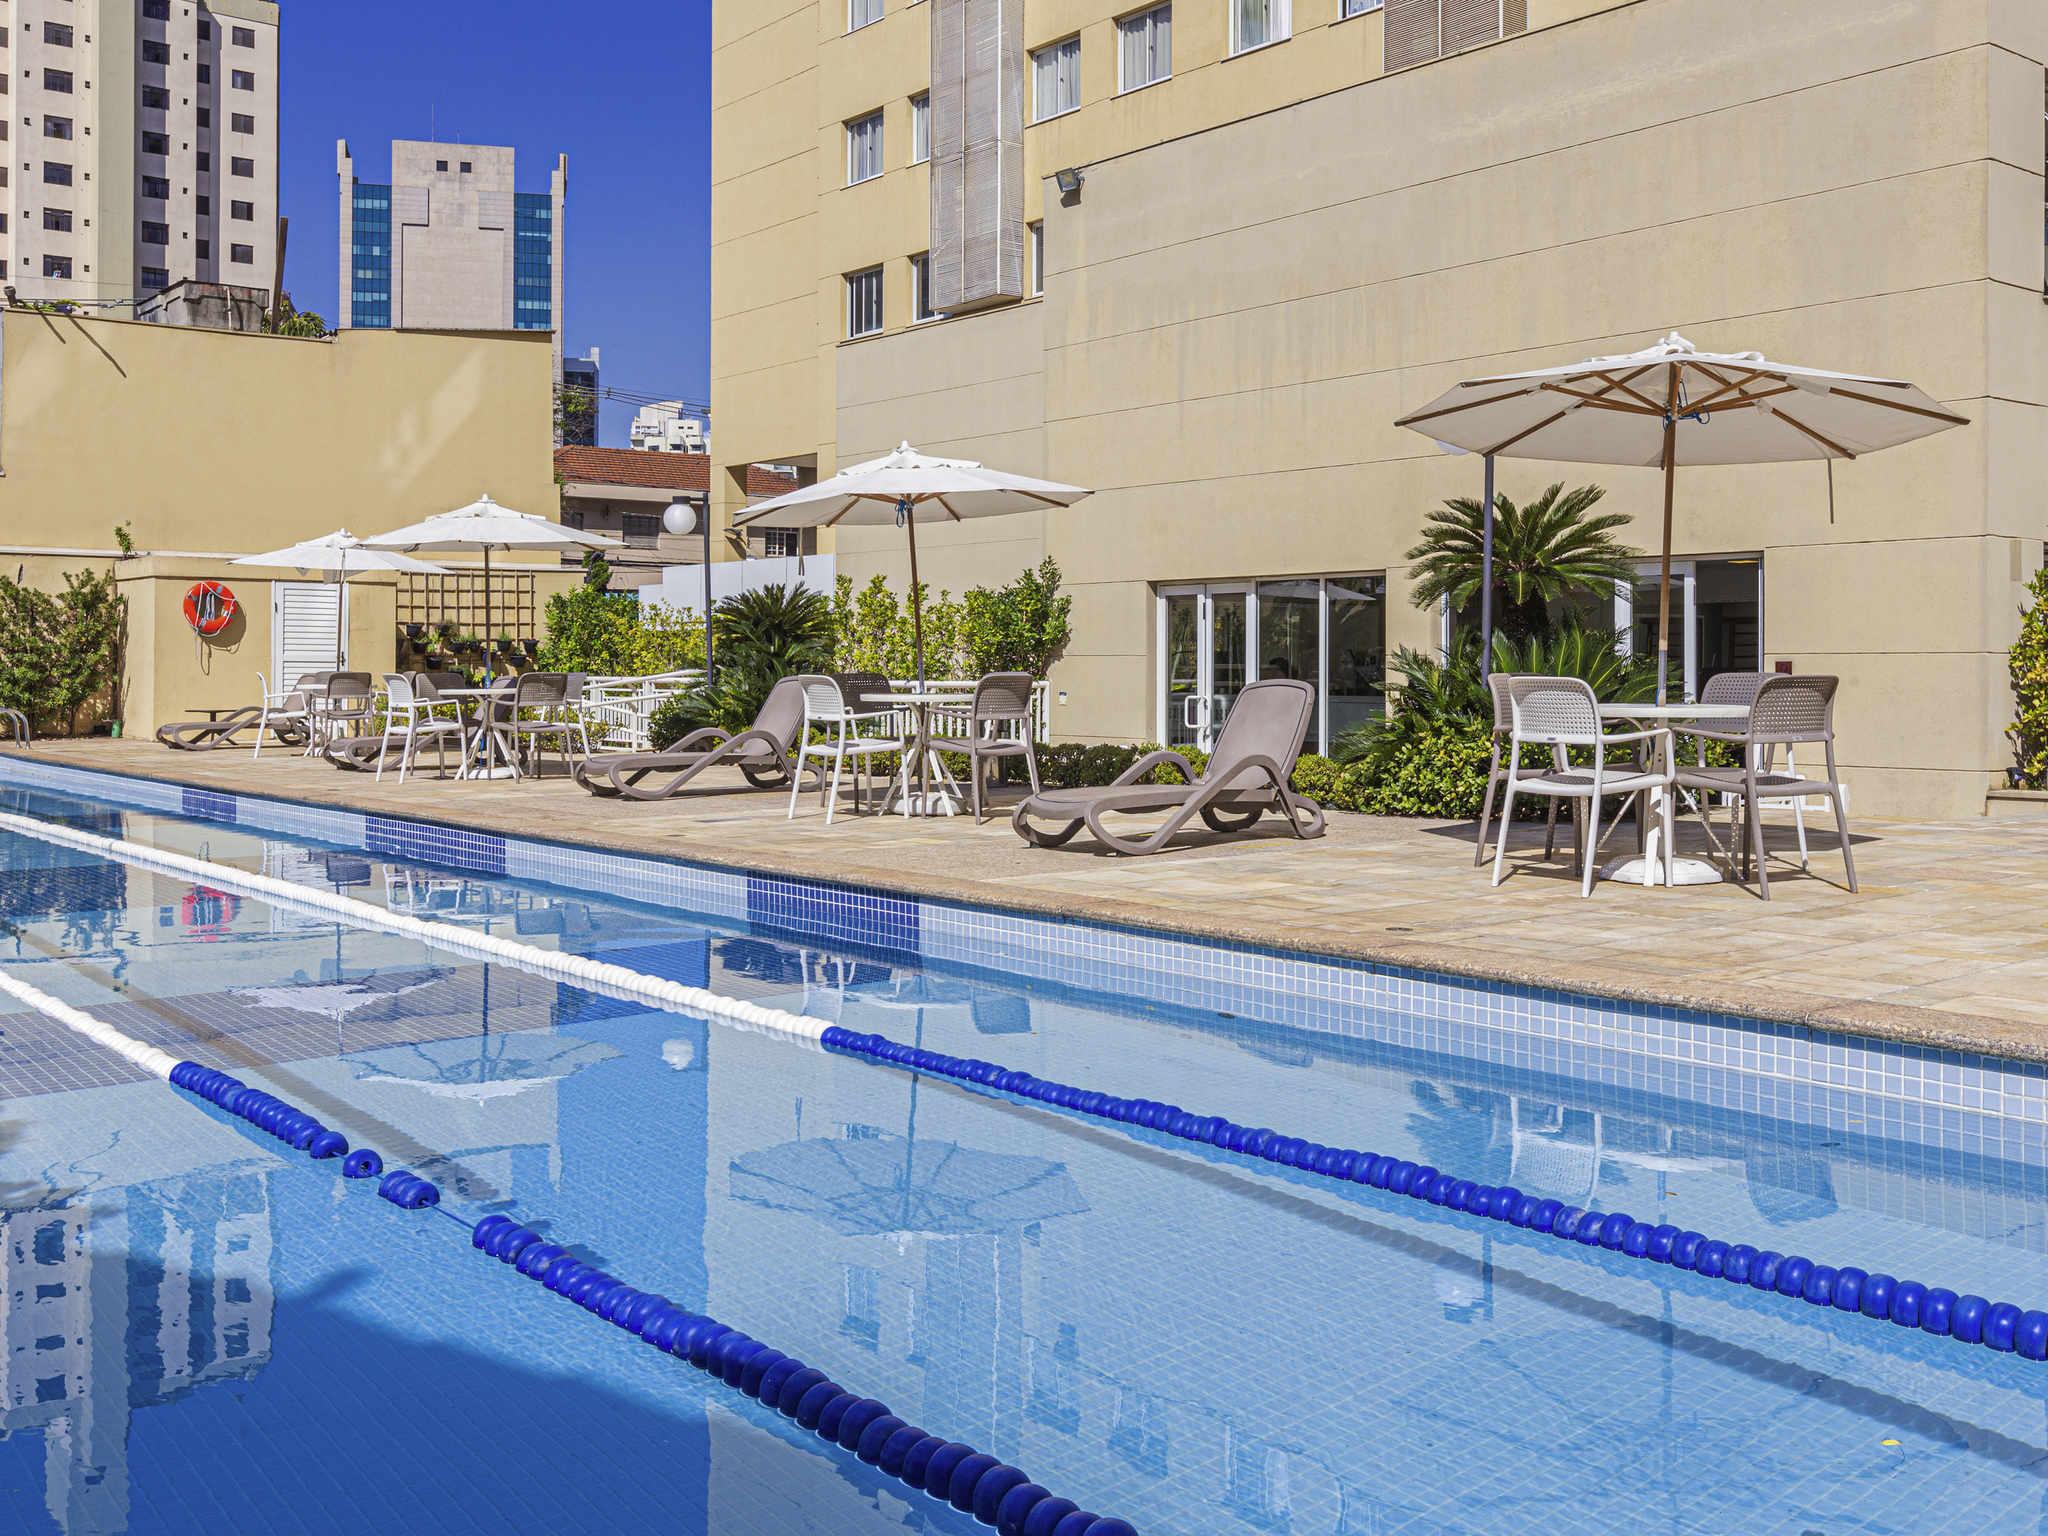 Hotel – Hotel Mercure São Paulo Vila Olímpia